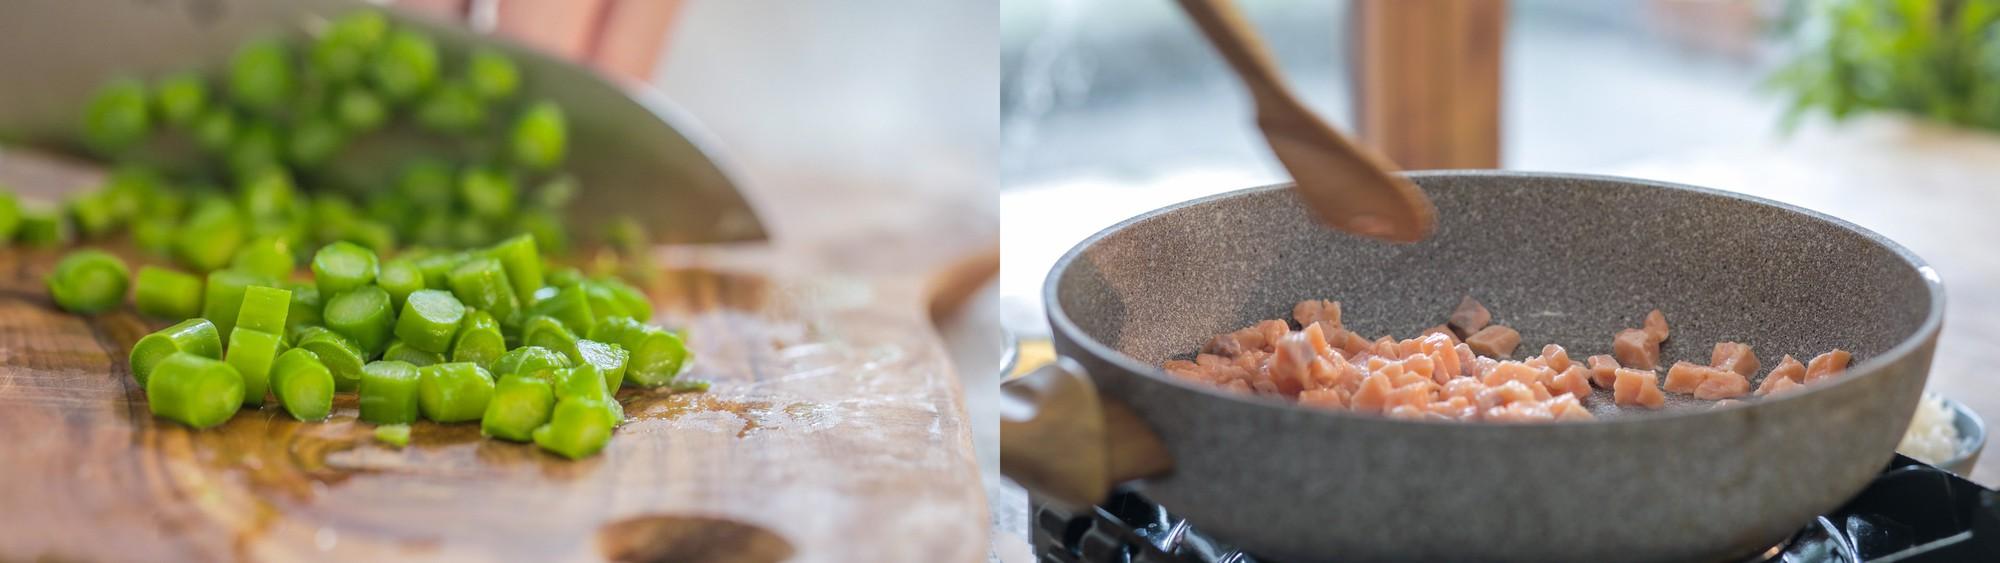 Thứ 2 bận rộn, tôi làm chảo cơm chiên cá hồi cho cả nhà là ngon lành đủ chất